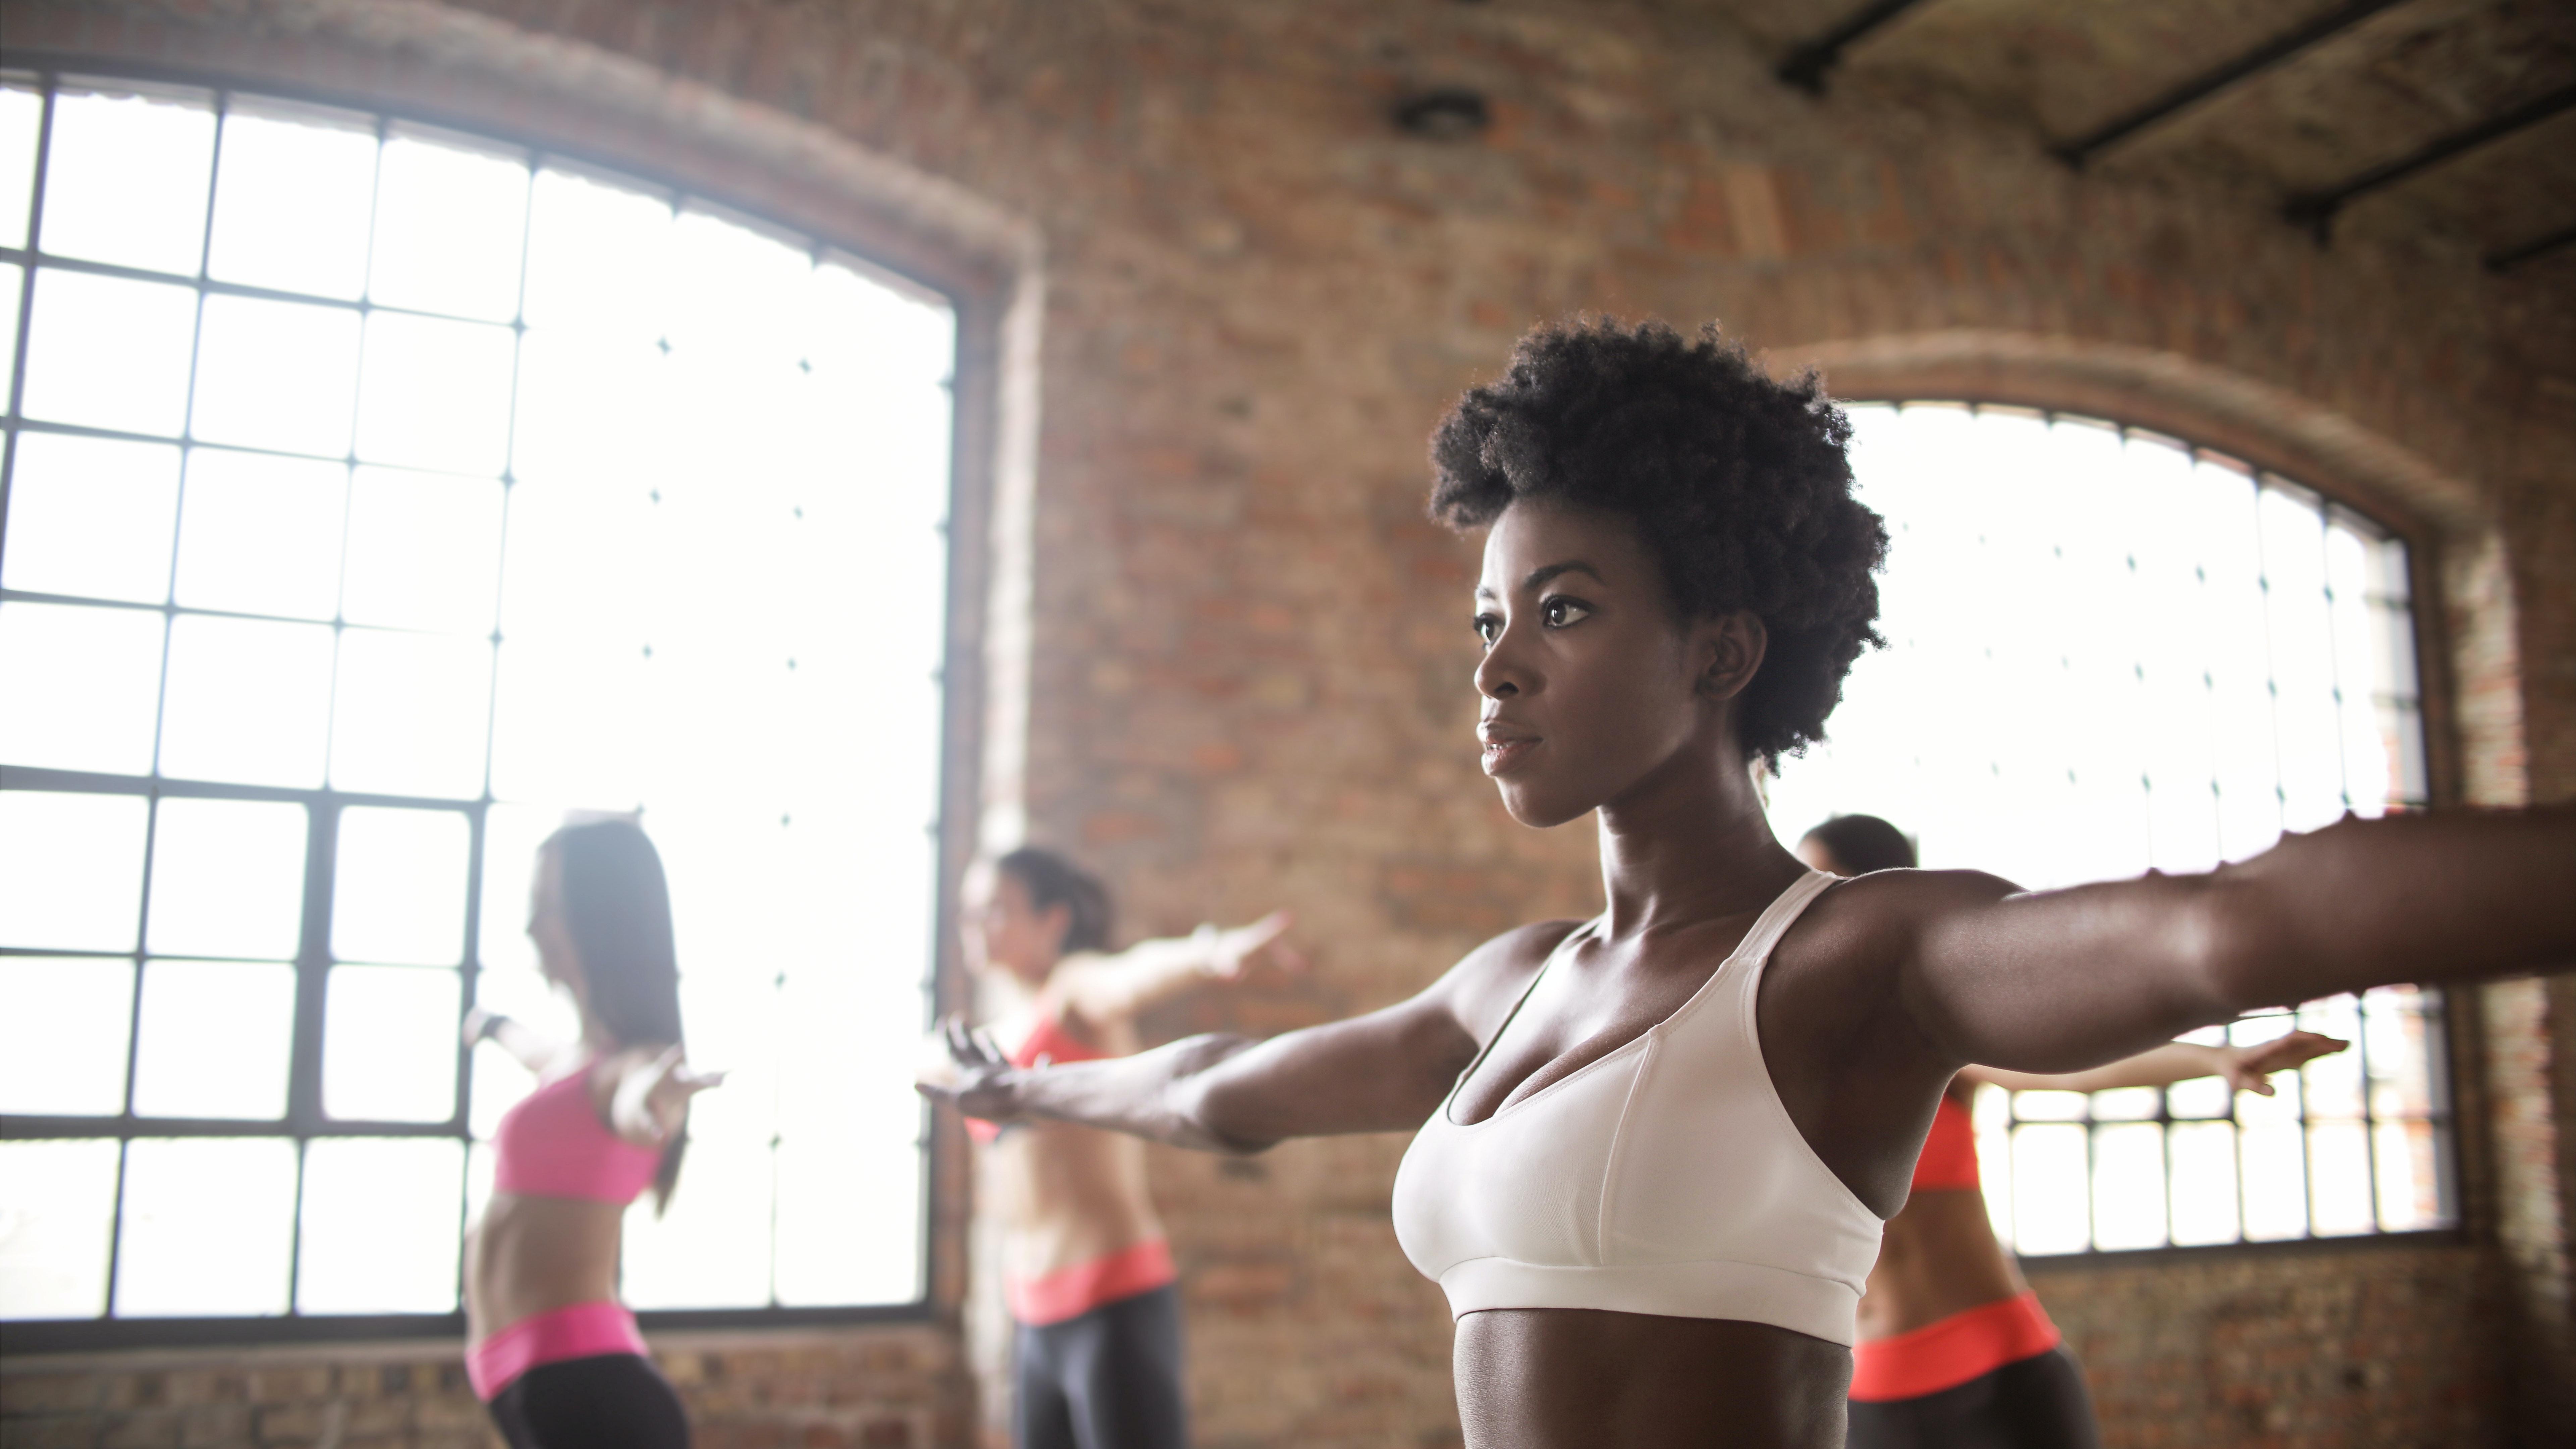 Gemeinsames Training erhöht die Motivation.